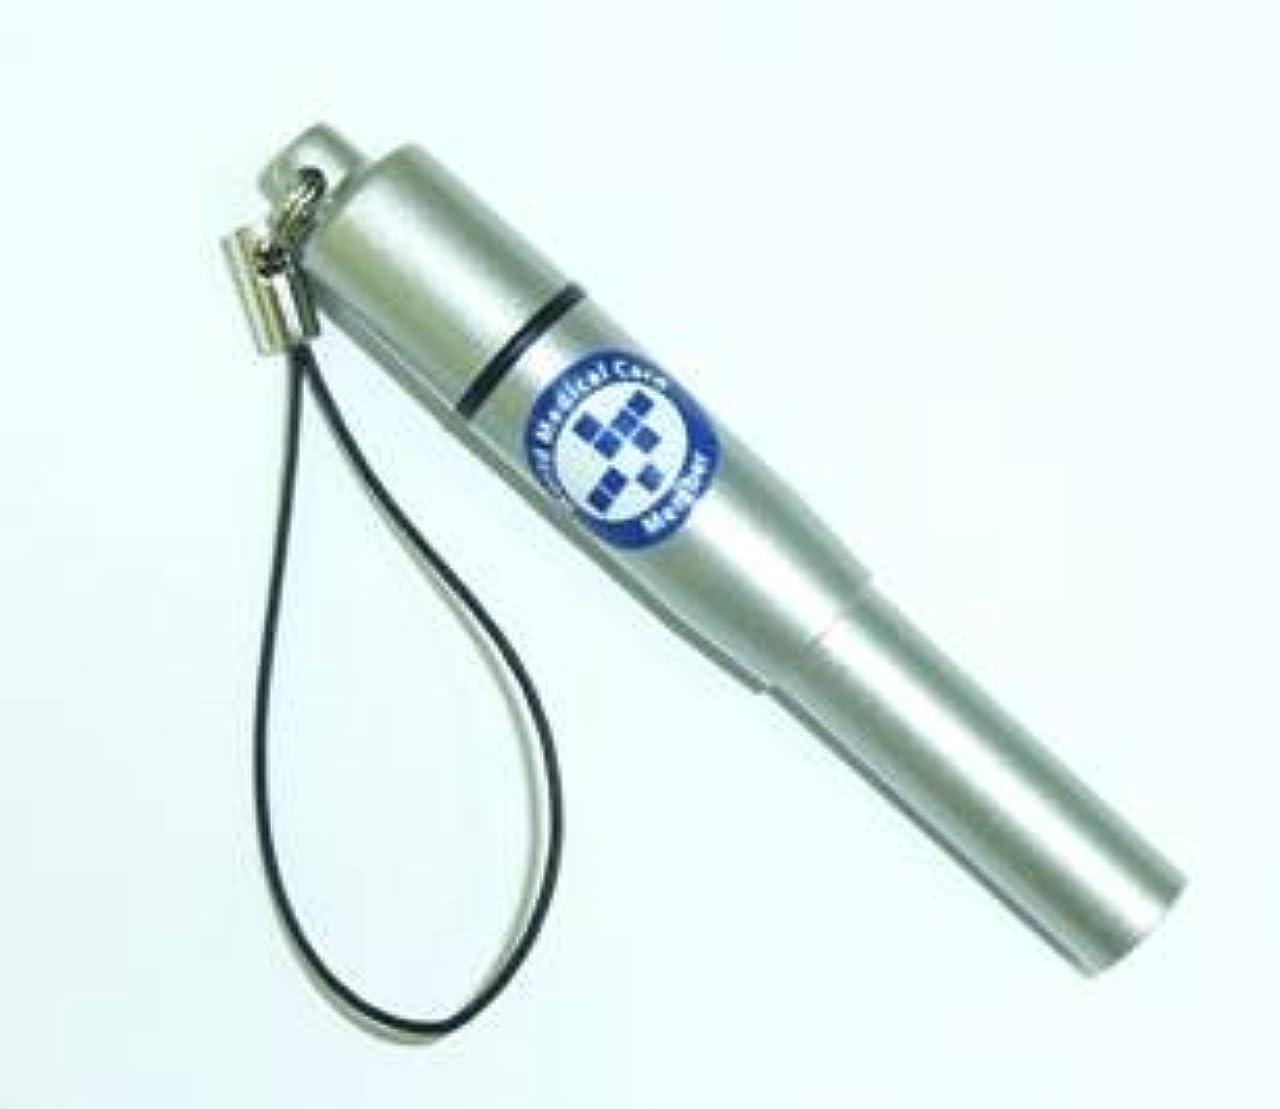 中級リボン財団健康情報が格納できるSOS救急笛(日本製)